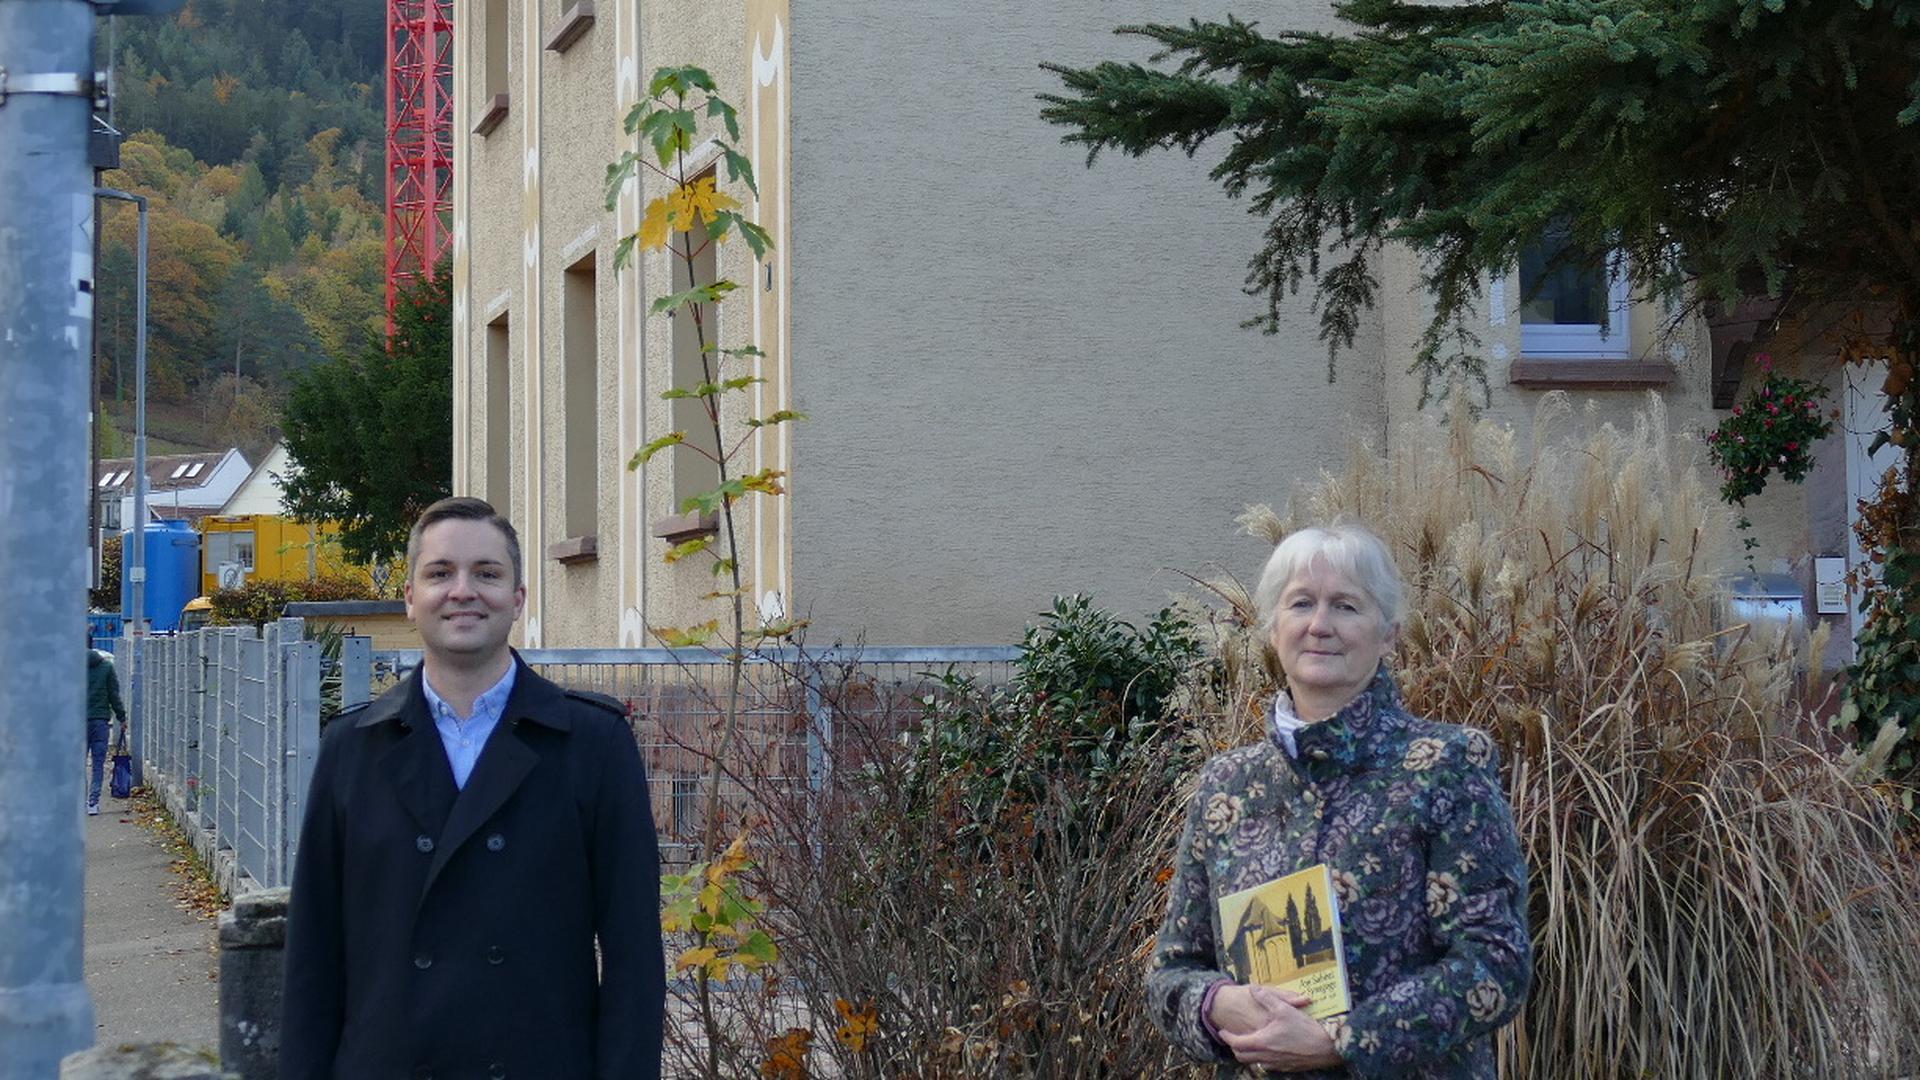 Bürgermeister Julian Christ und Regina Meier vom Arbeitskreis Stadtgeschichte bei der Einweihung des neuen Straßenschildes